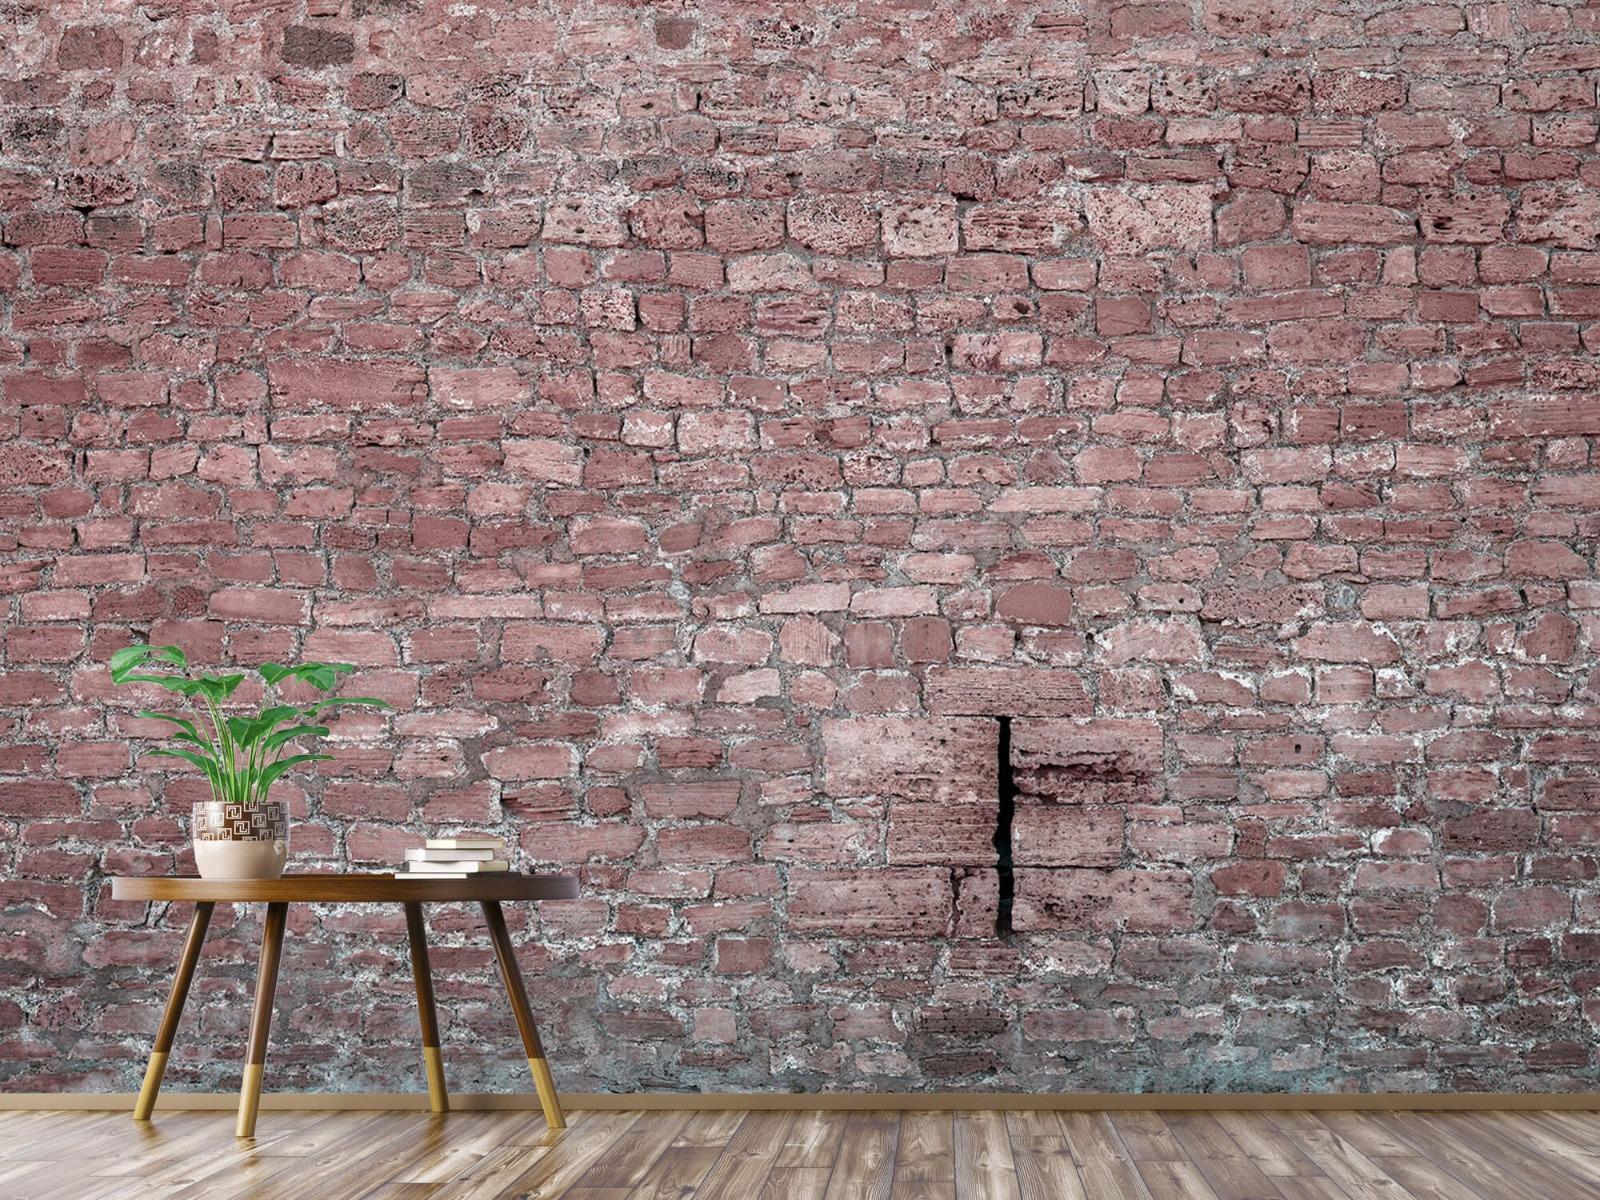 Steen behang - Muur van oude stenen - Tienerkamer 3